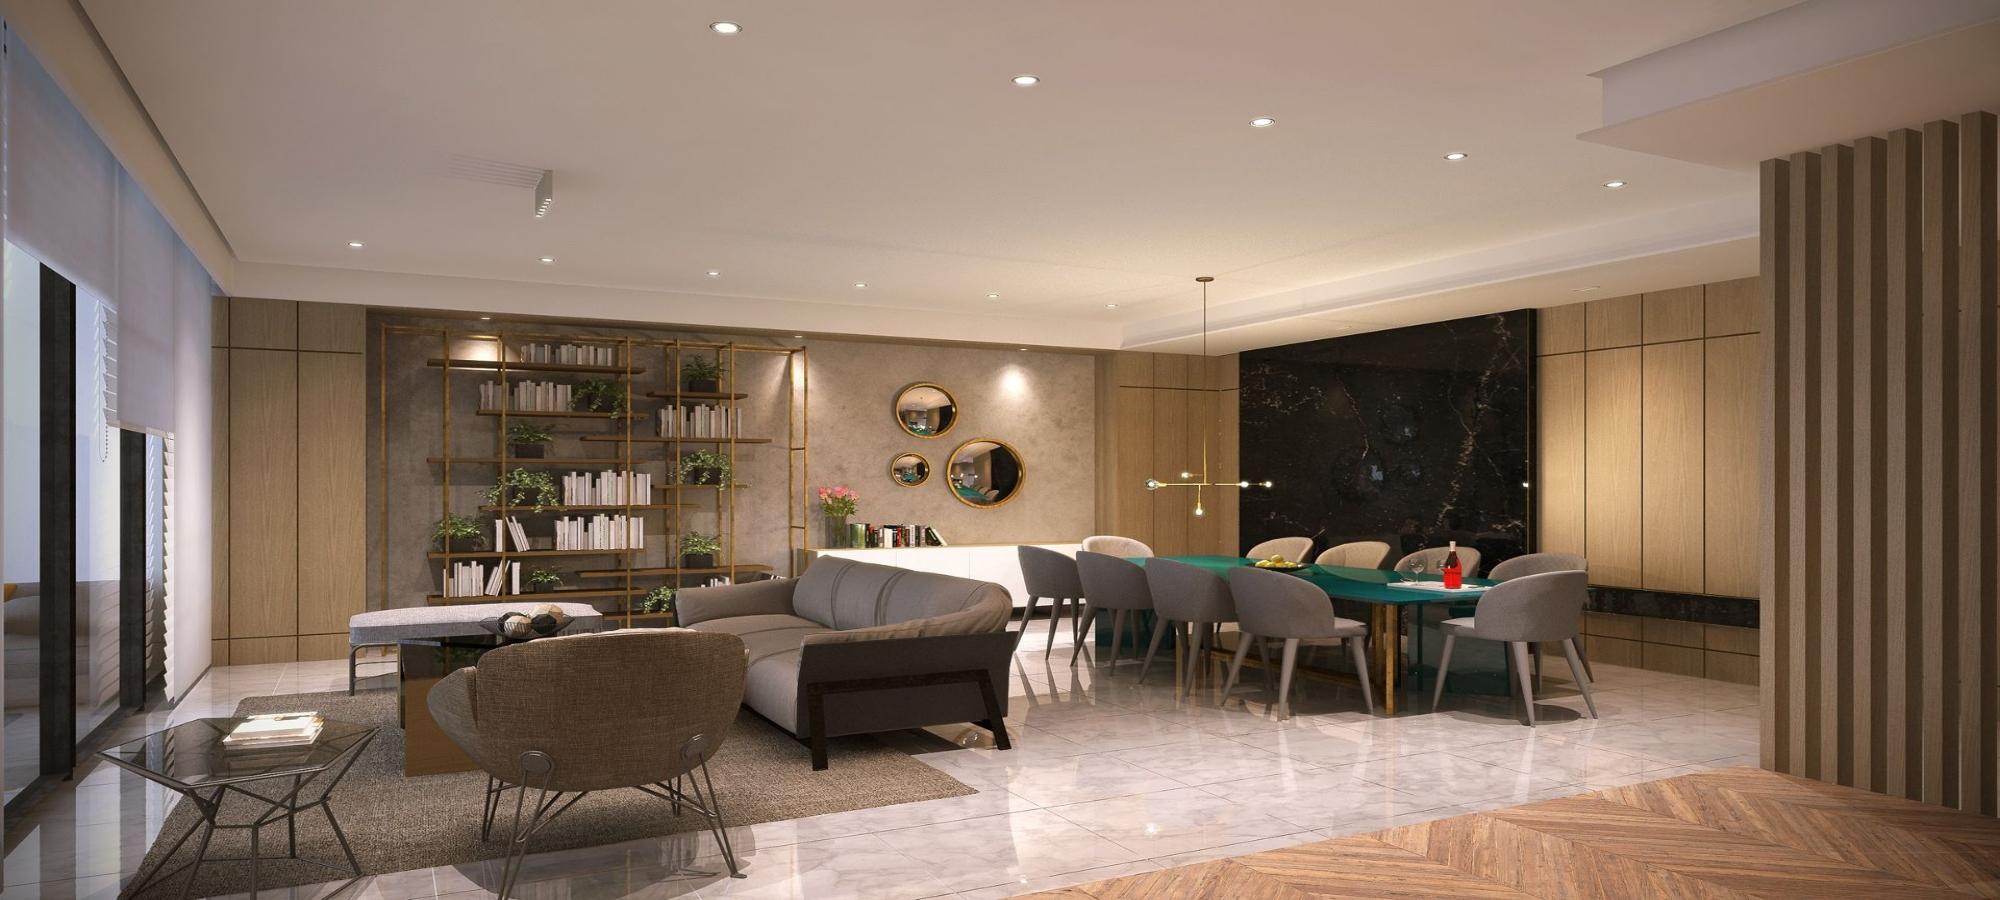 Mallol Arquitectura: Una oficina que crea proyecto exclusivos y poderosos mallol arquitectos Mallol Arquitectos: Una empresa que crea proyecto exclusivos y poderosos featured 16